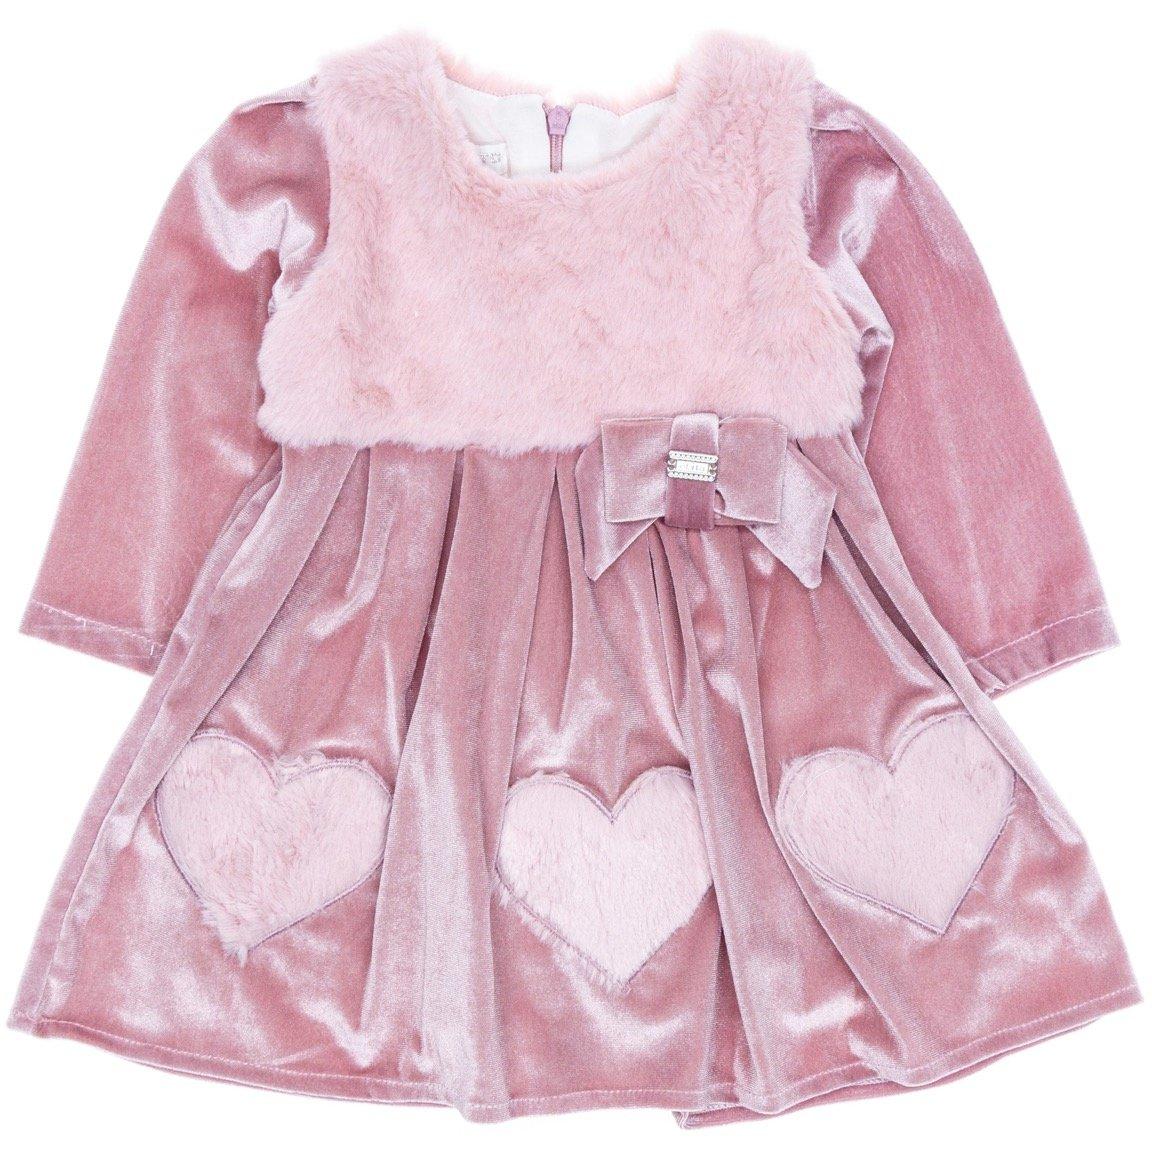 Εβίτα βρεφικό αμπιγιέ βελουτέ φόρεμα «Soft Hearts»